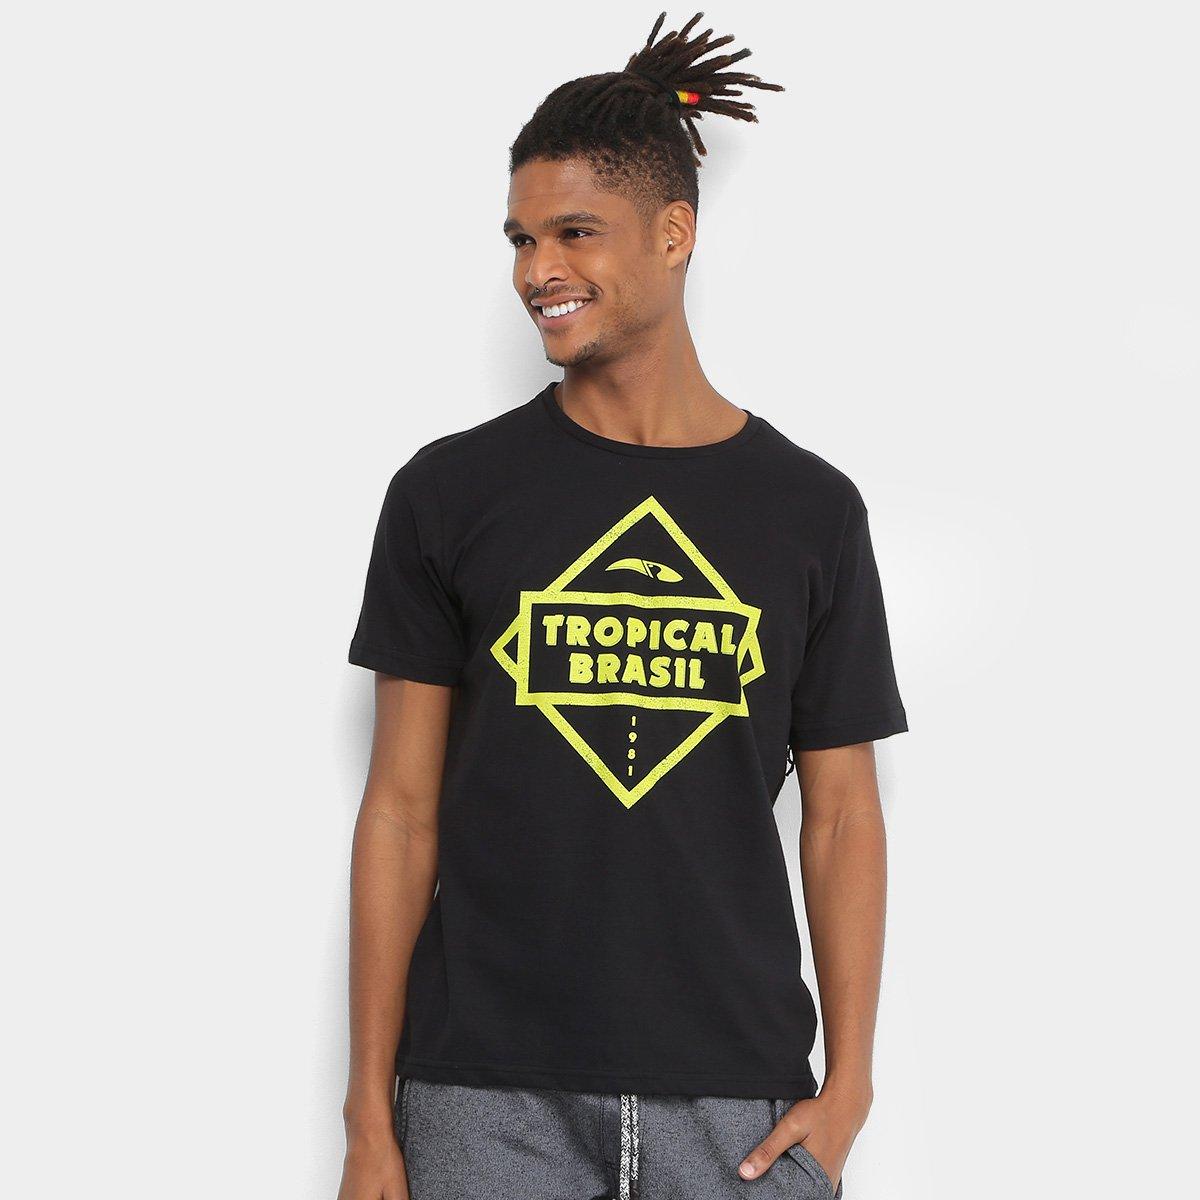 Camiseta Tropical Brasil Estampada Biz Masculina - Preto - Compre Agora  11e17f1c9c5